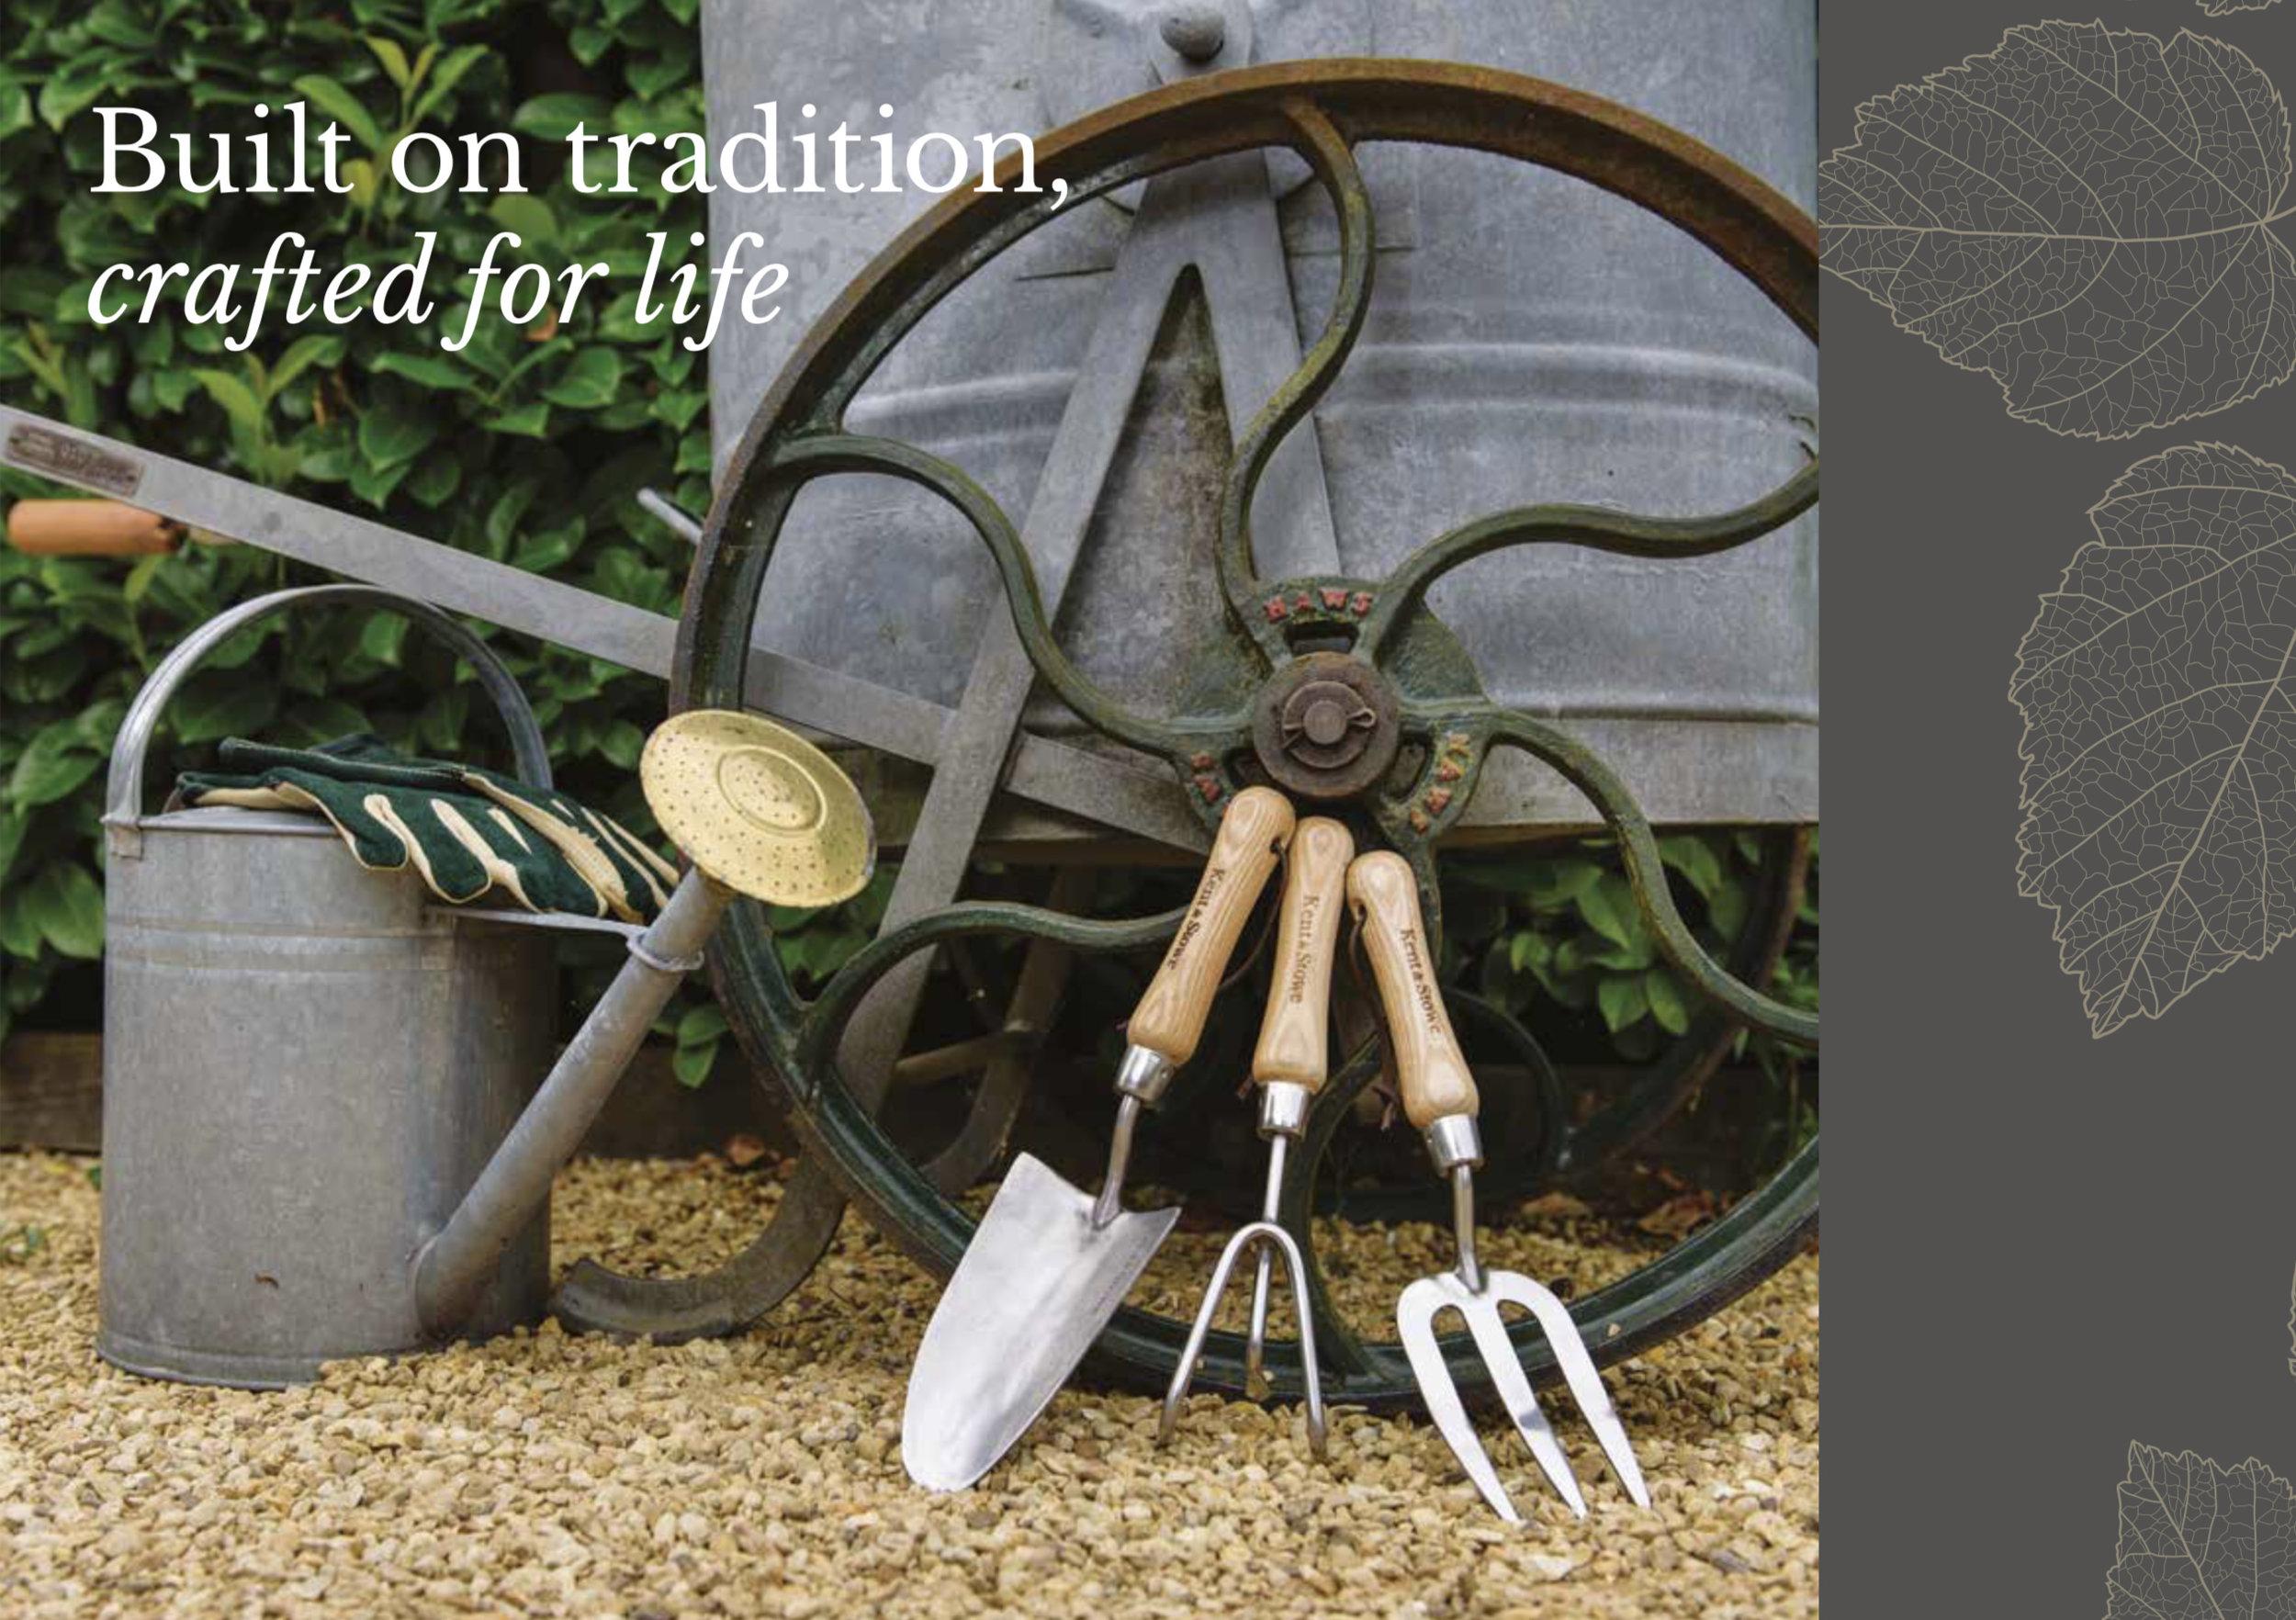 Garden_Tool_Photographer_Midlands.jpg